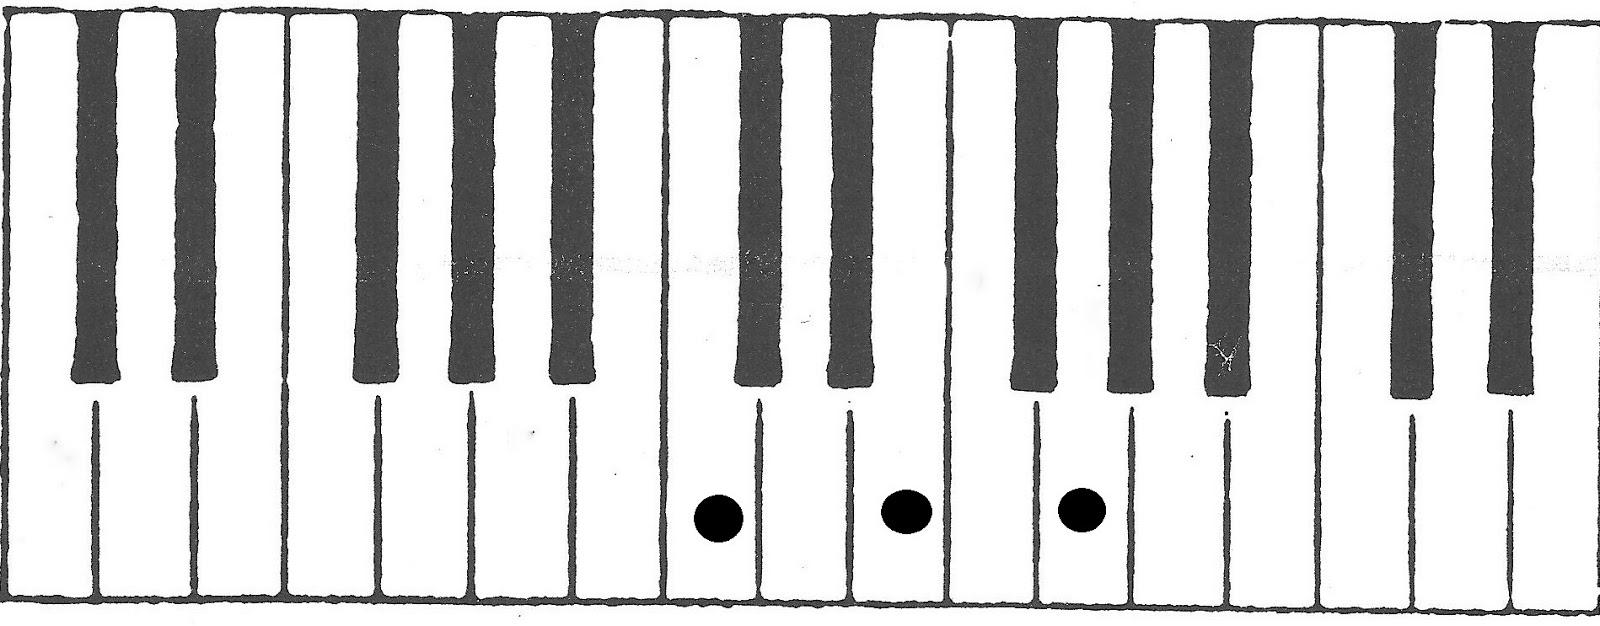 klavier übungen für anfänger